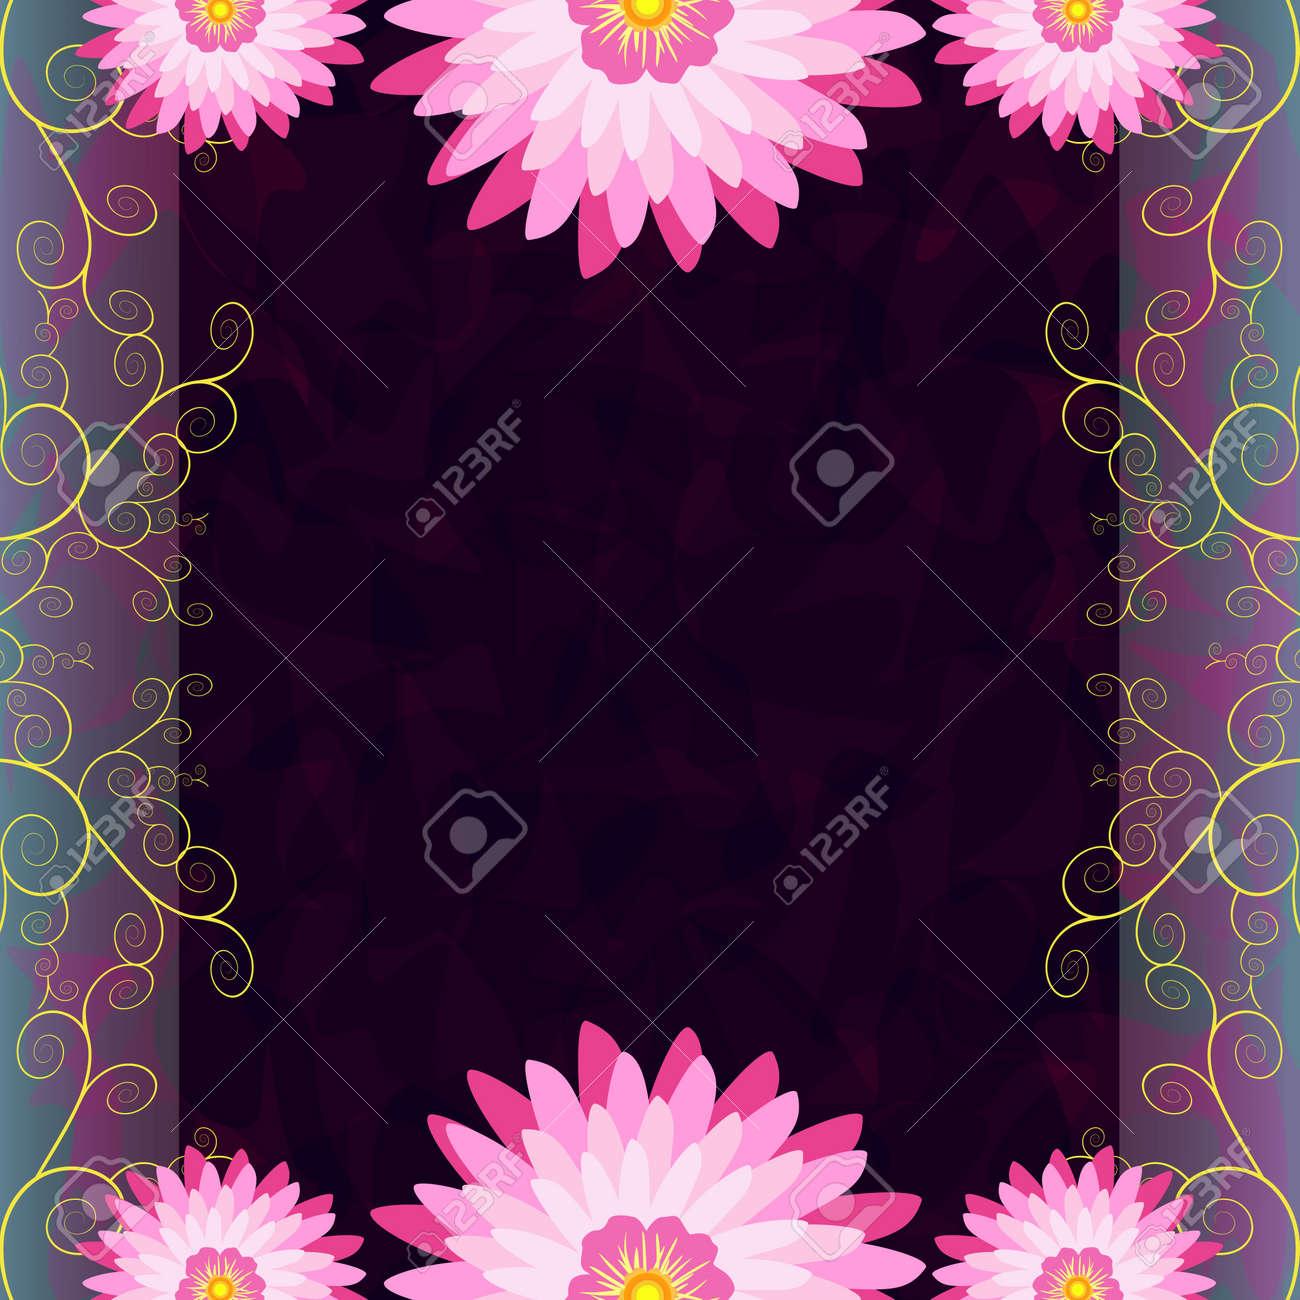 Fond Sombre De Luxe Vintage Avec Des Fleurs Roses Et Violettes Et